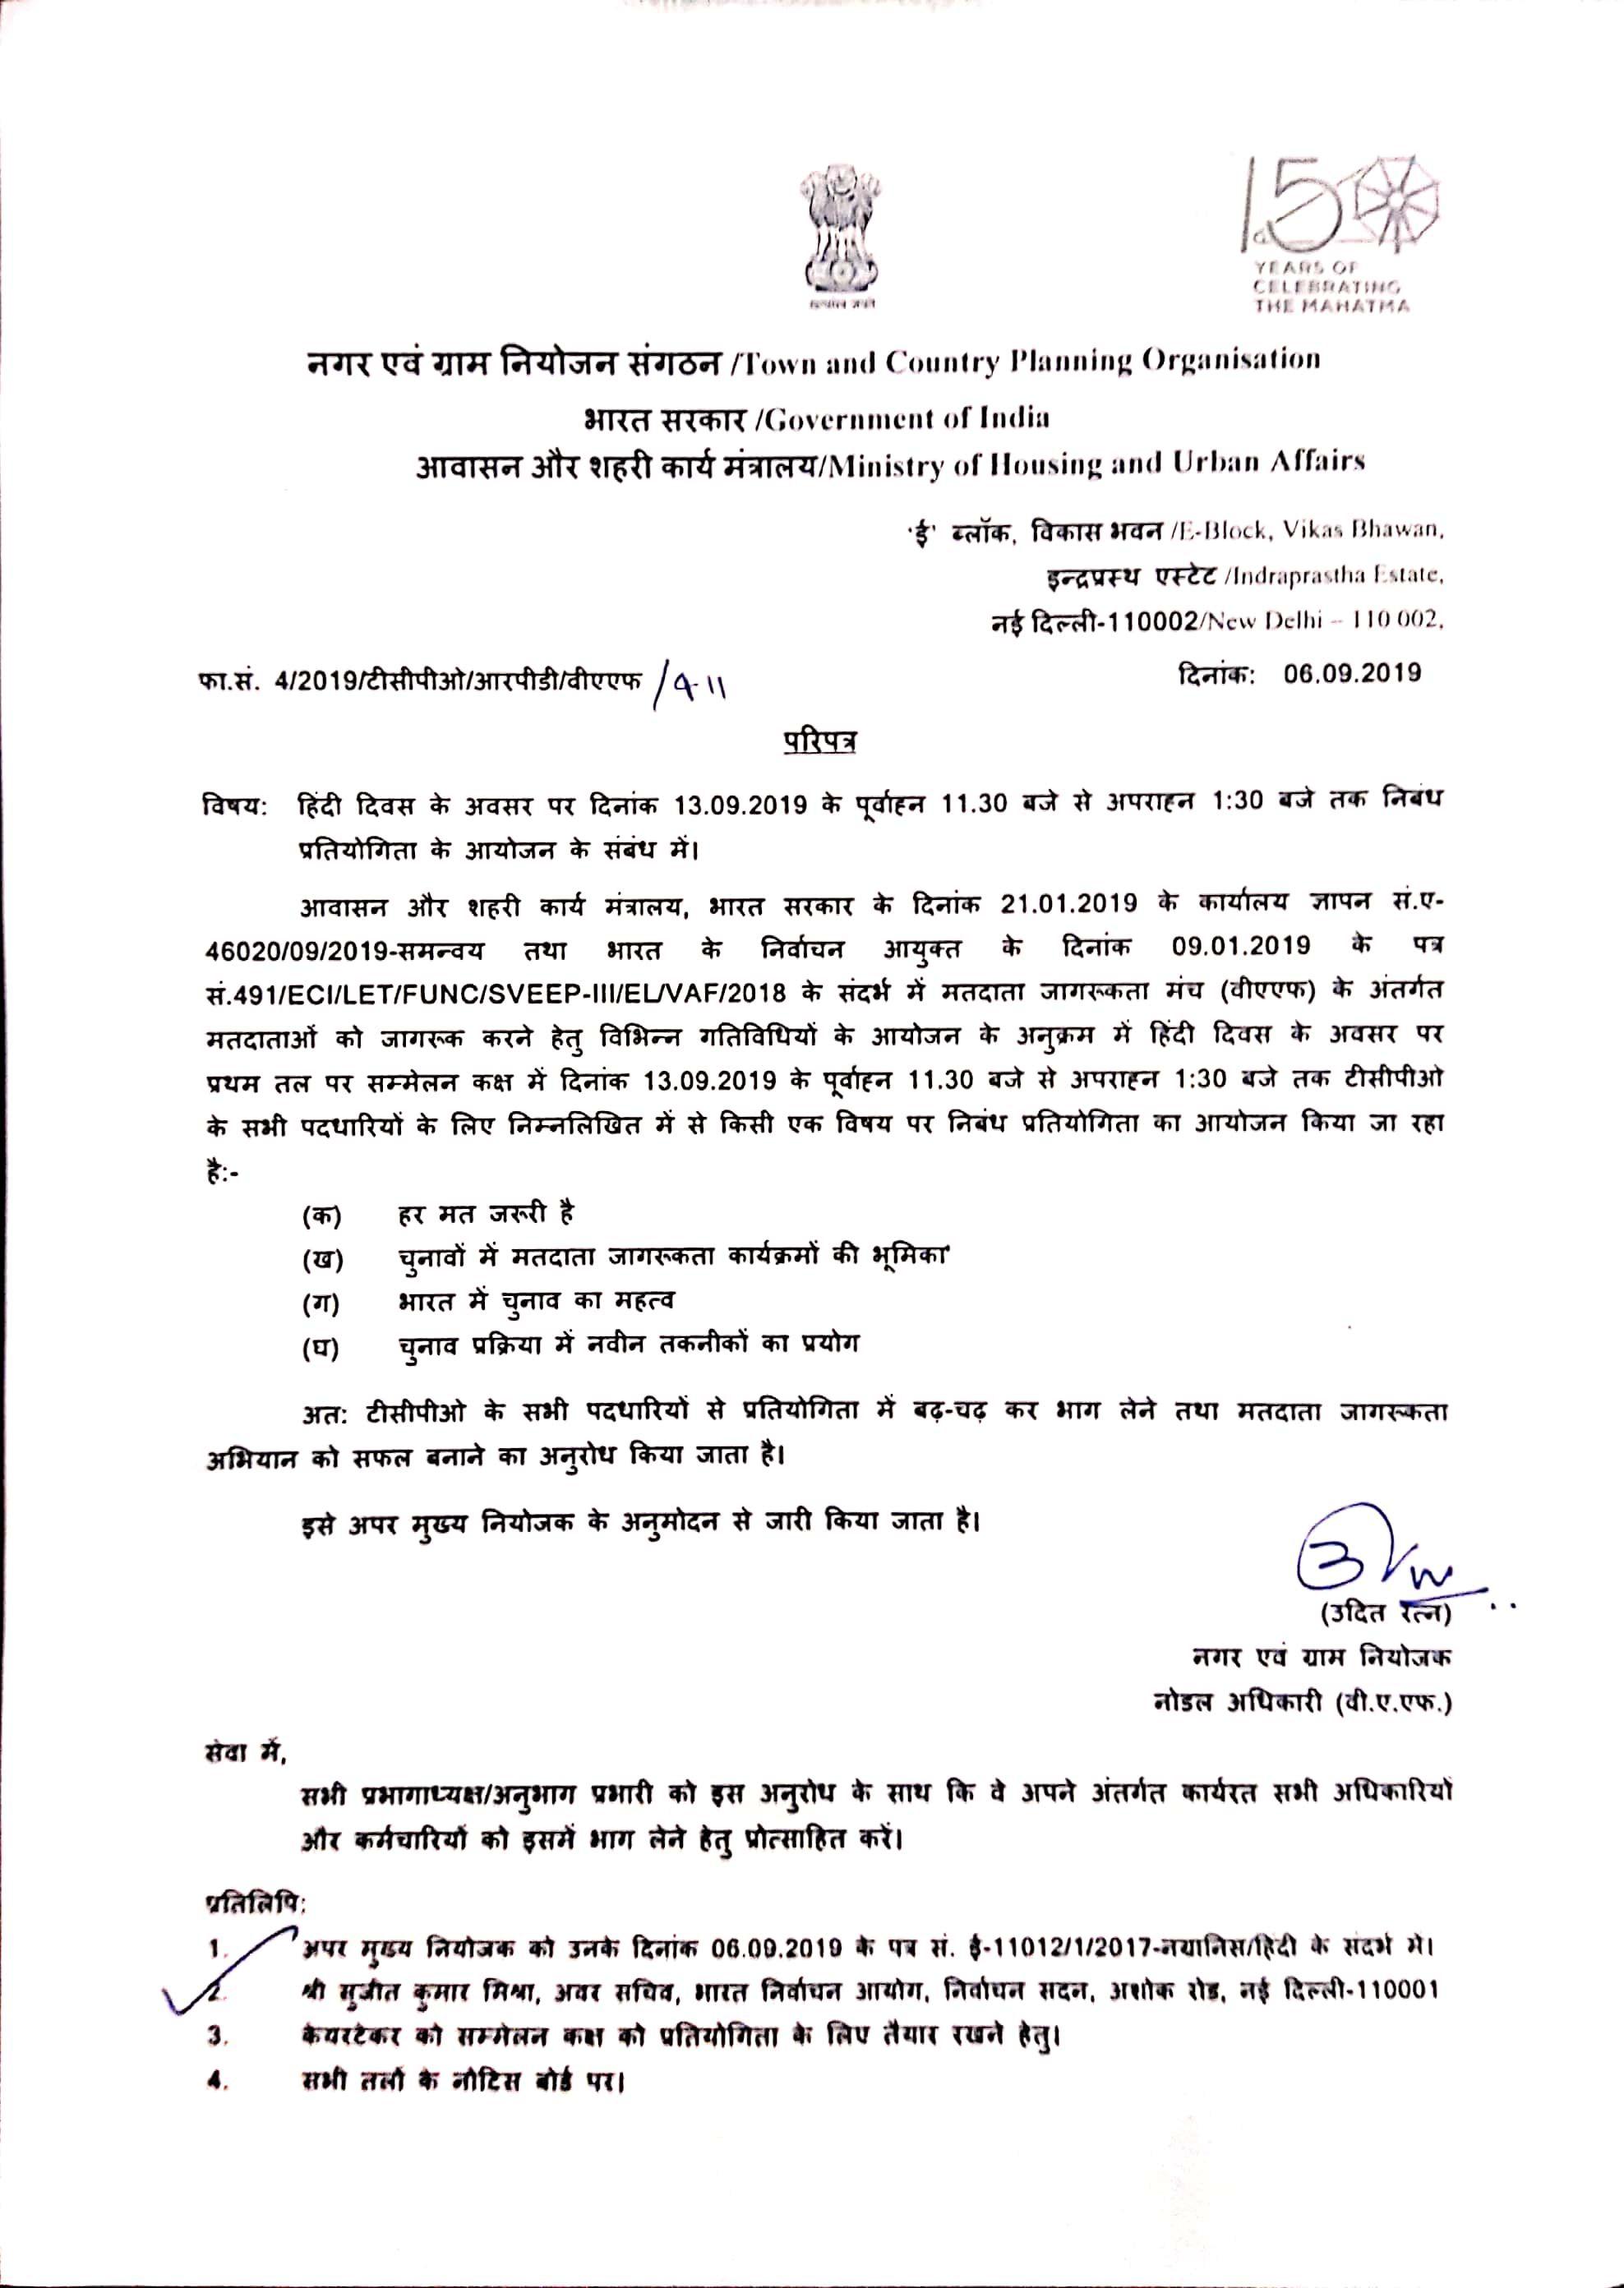 VAF Circular on Raj Bhasha Diwas dt 6 Sept 2019.jpg